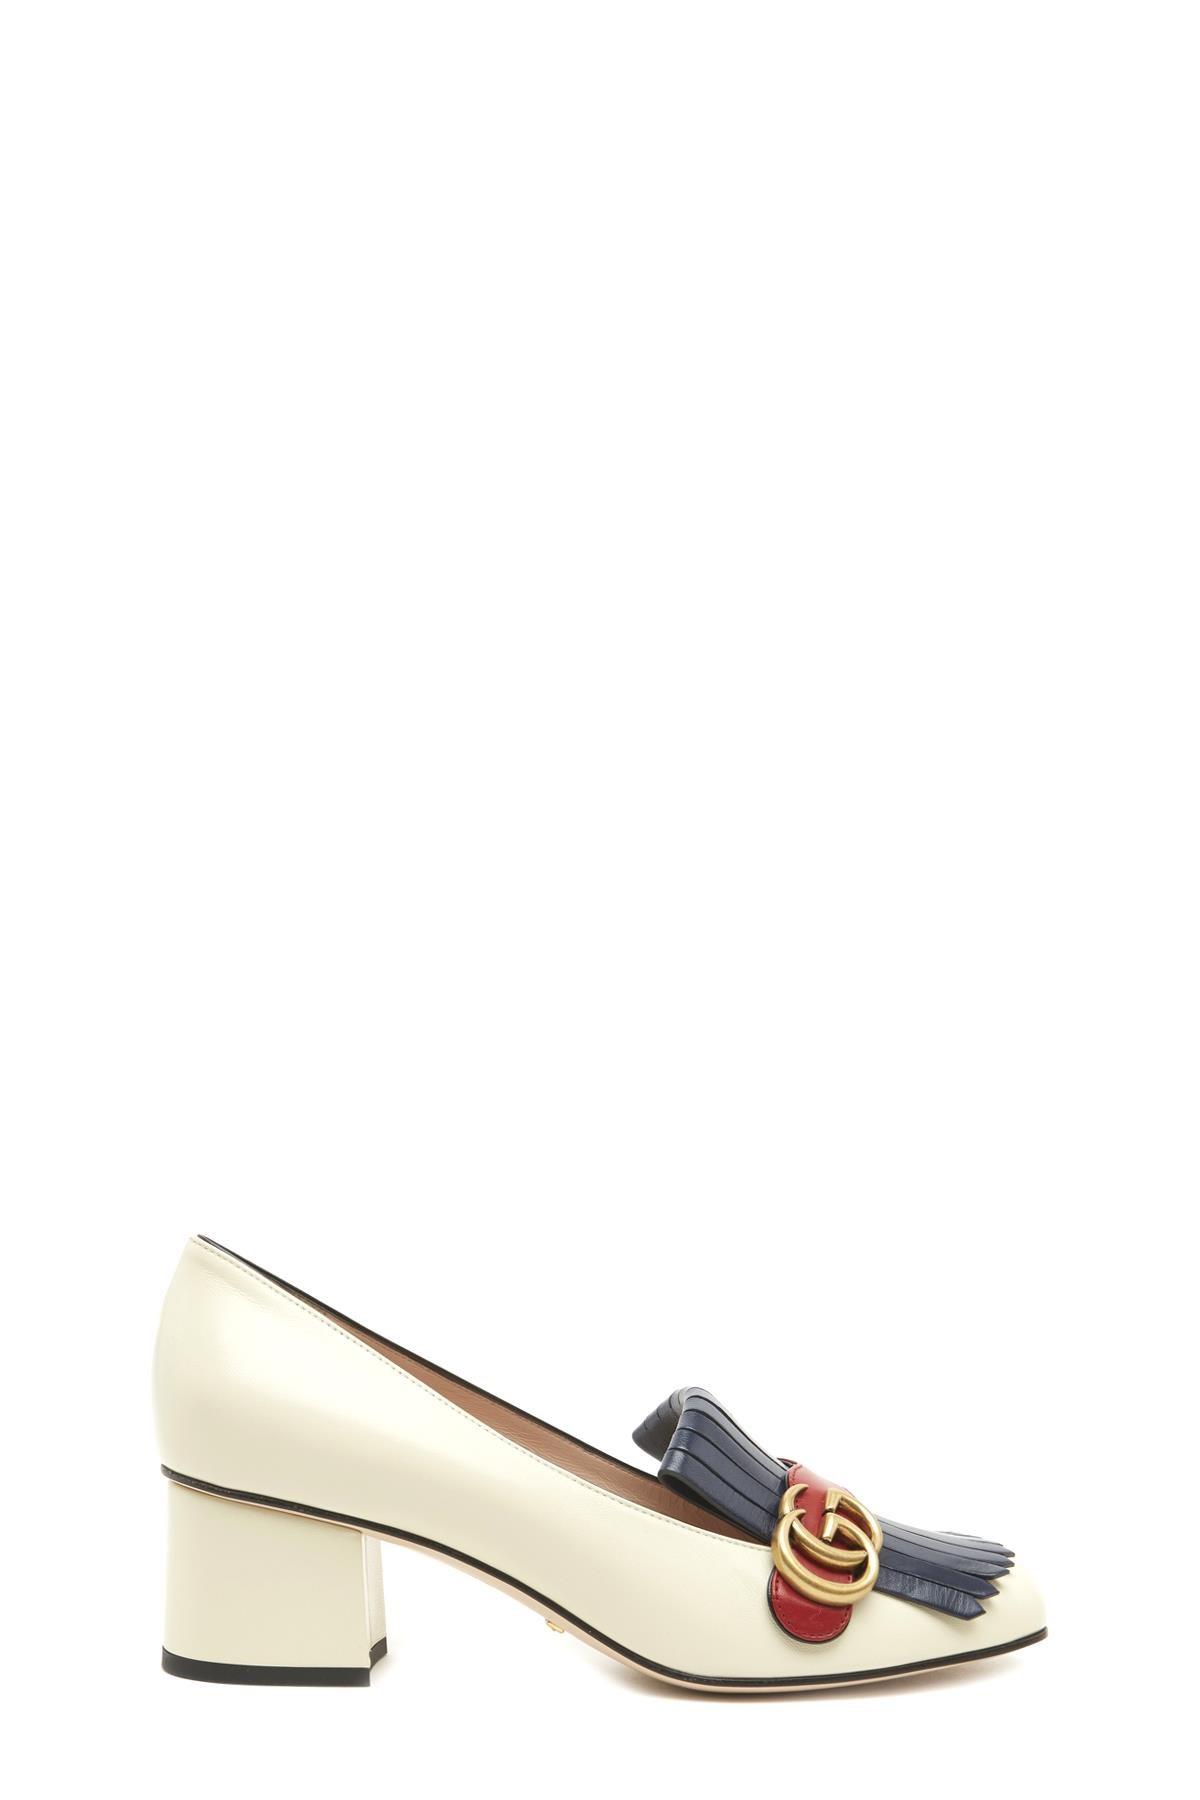 1f57355c05 gucci mocassino 'marmont' su julian-fashion.com - 60259